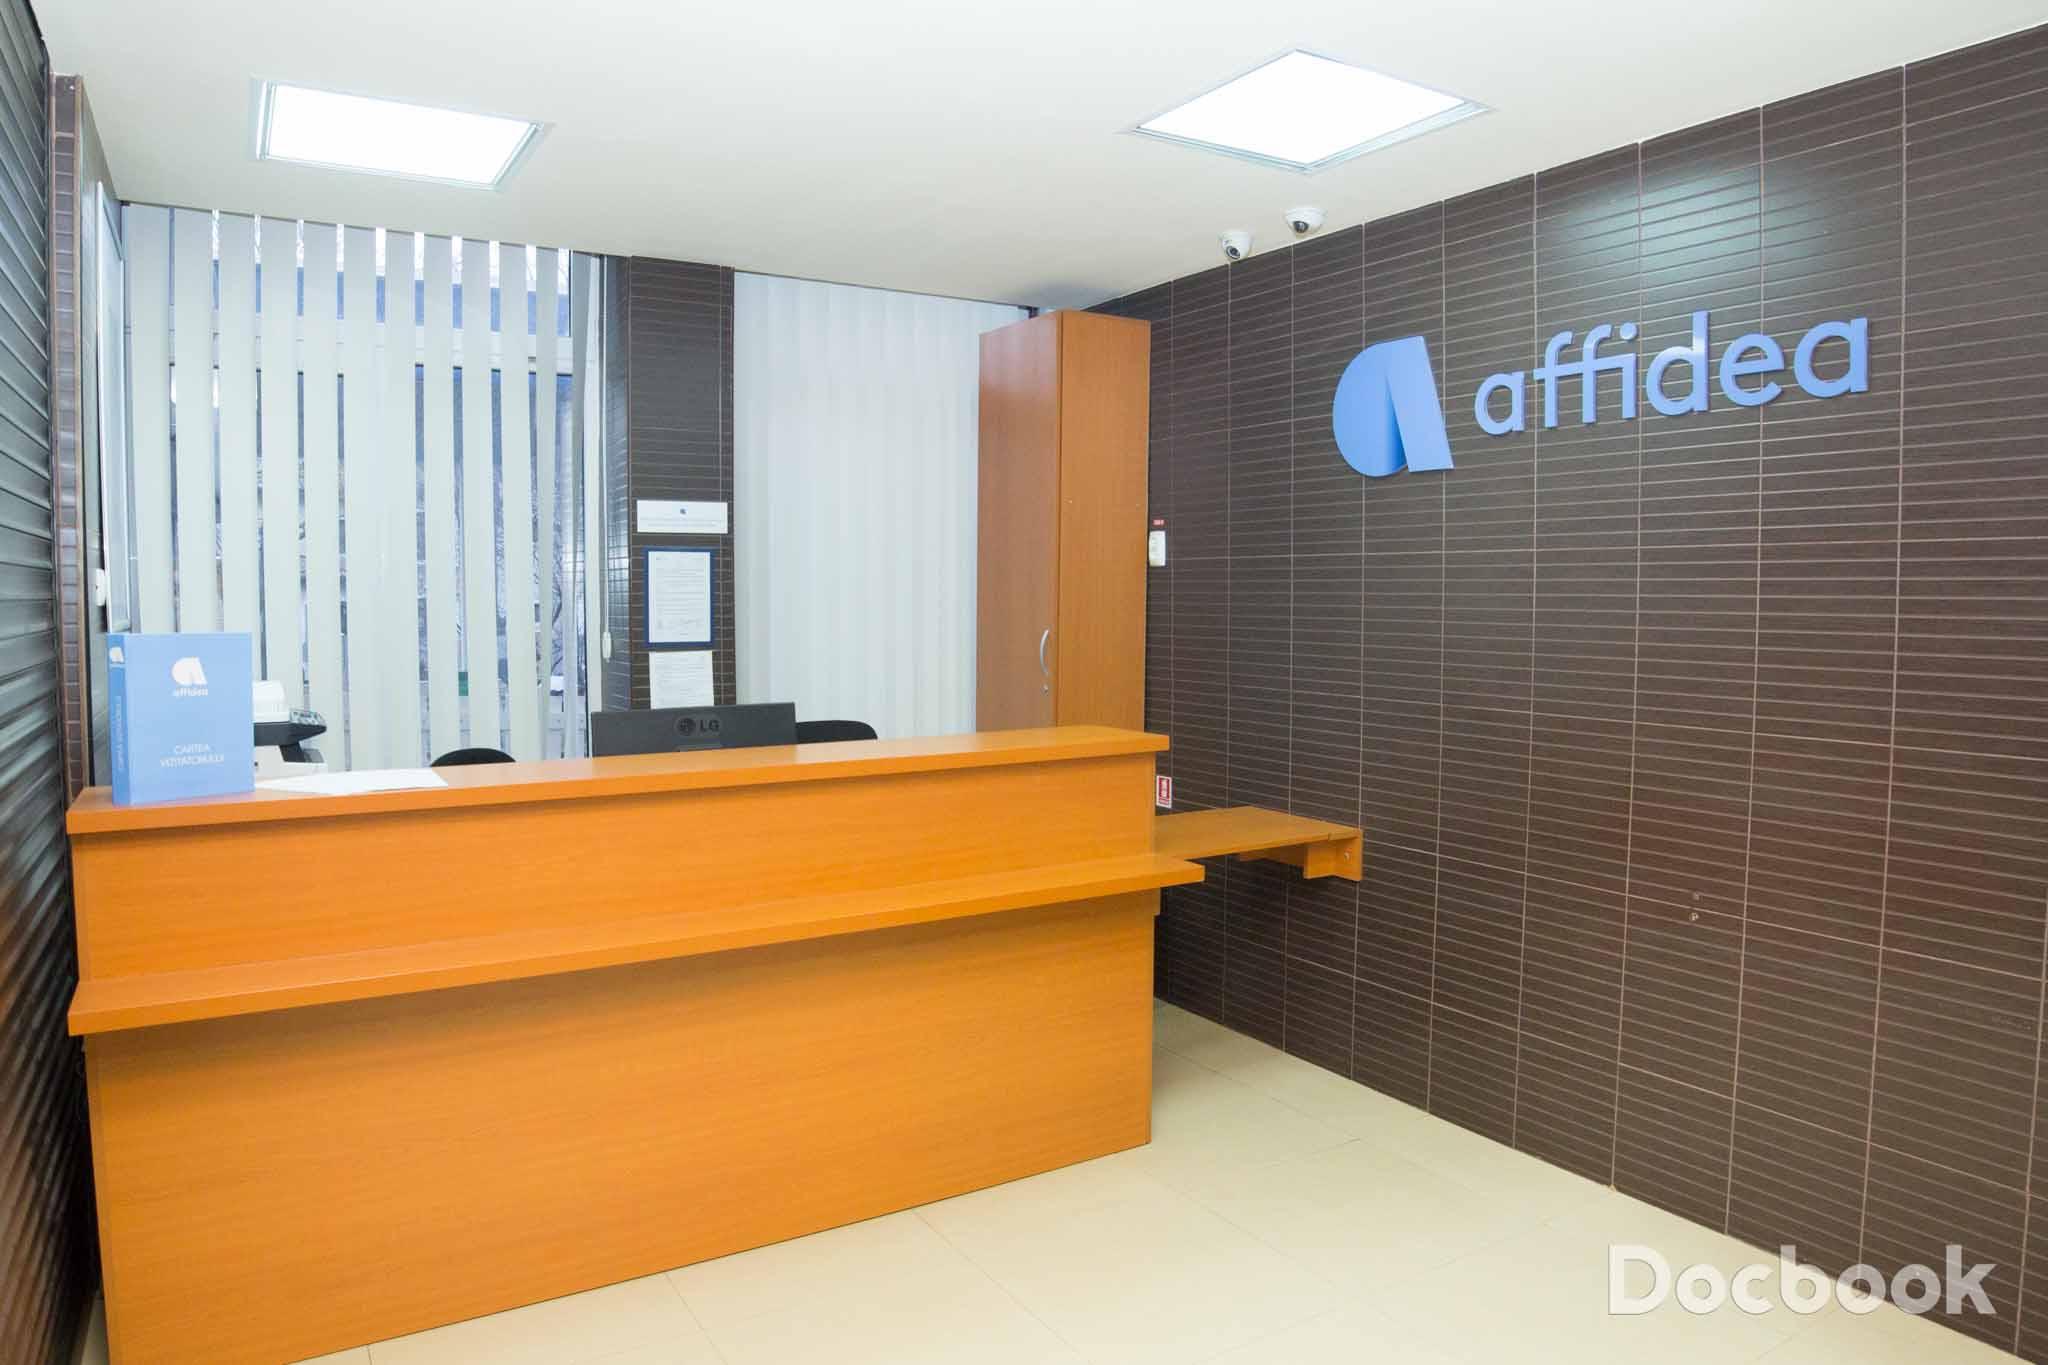 Clinica Affidea - Mangalia